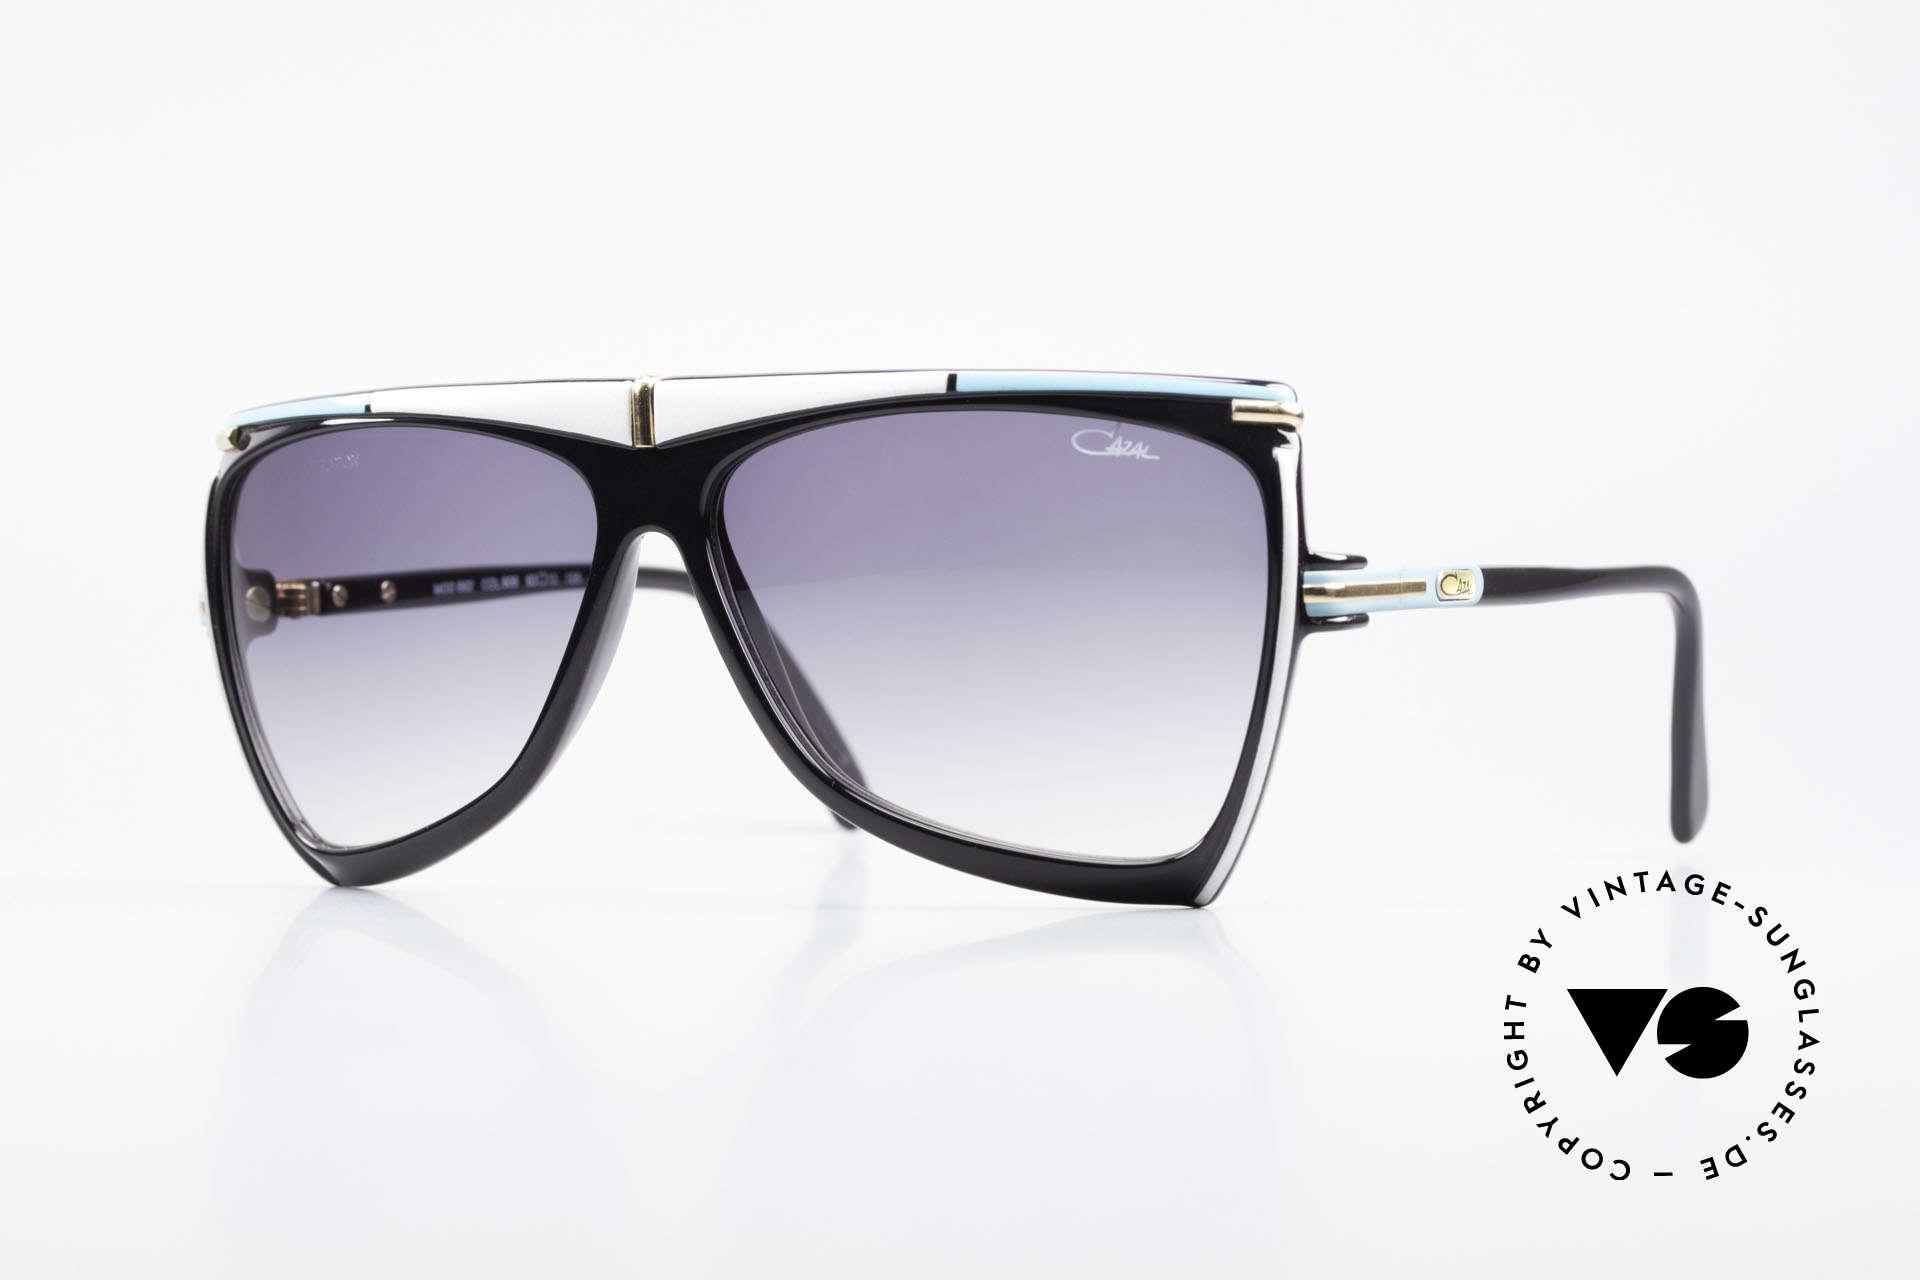 Cazal 862 West Germany Original Cazal, originelle Cazal vintage Designer-Sonnenbrille, Passend für Herren und Damen